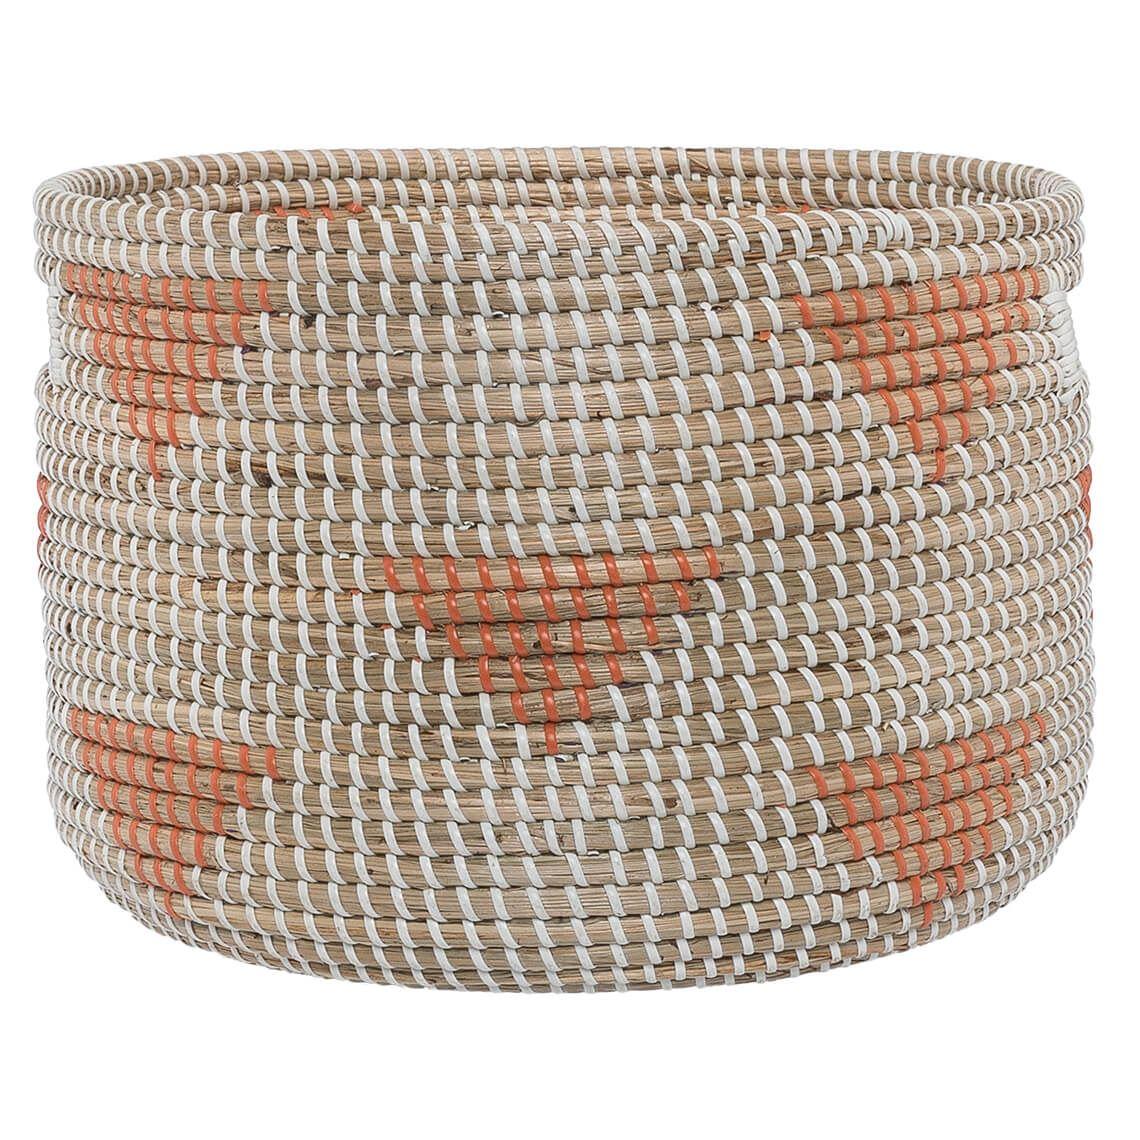 Terrific Arrow 34Cm Basket Orange In 2019 Freedom Furniture Inzonedesignstudio Interior Chair Design Inzonedesignstudiocom